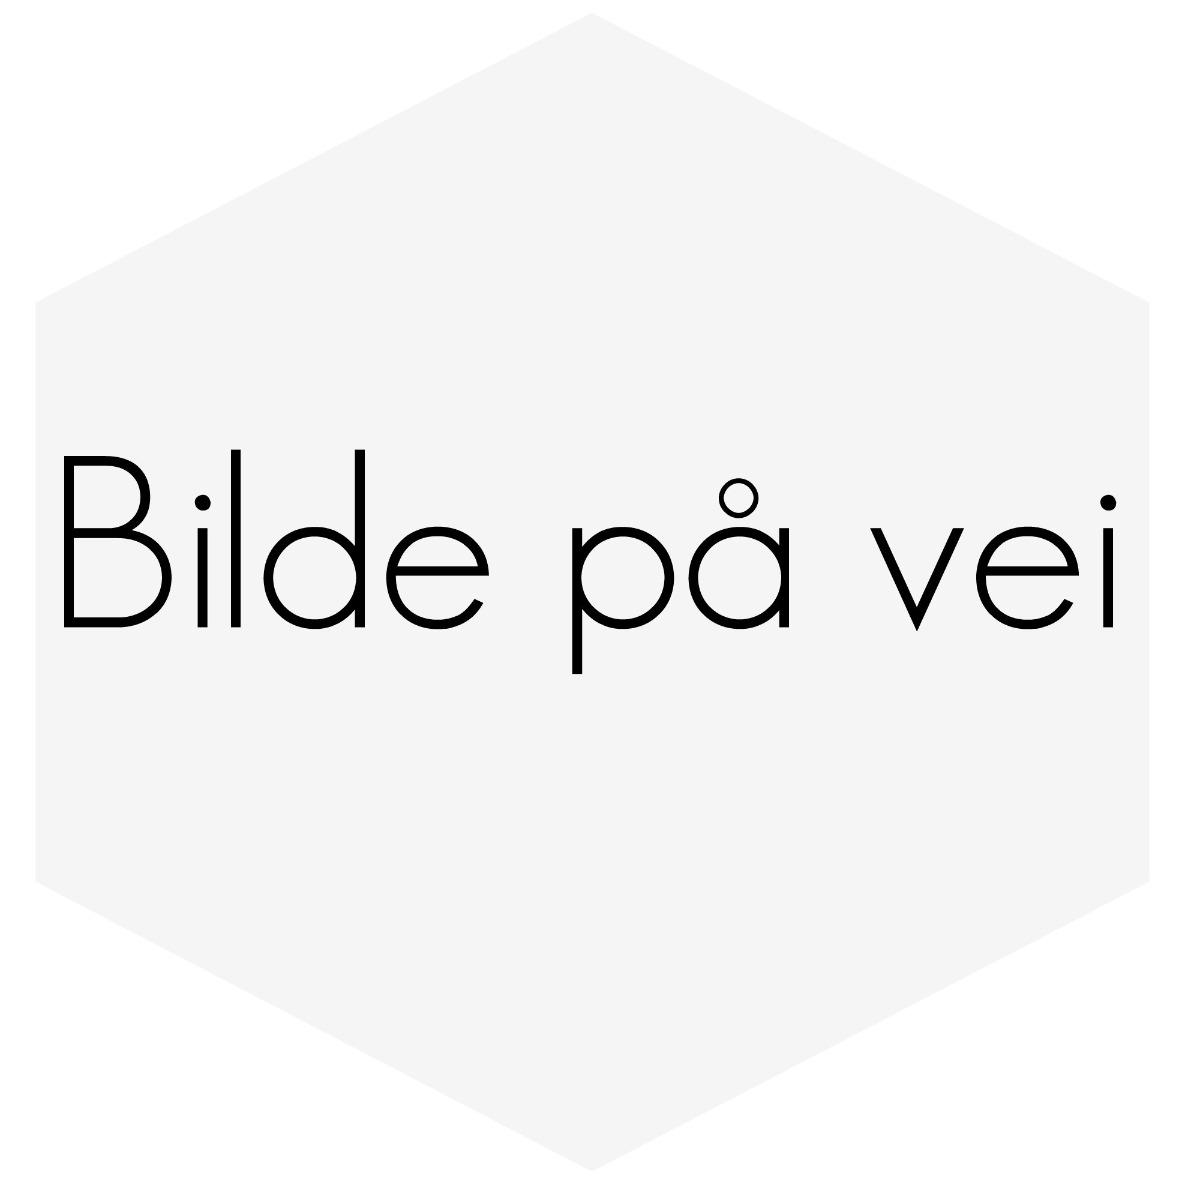 PUSSERBLAD VOLVO 740 OG 940 FRONTVINDU SATS MED 2 STK